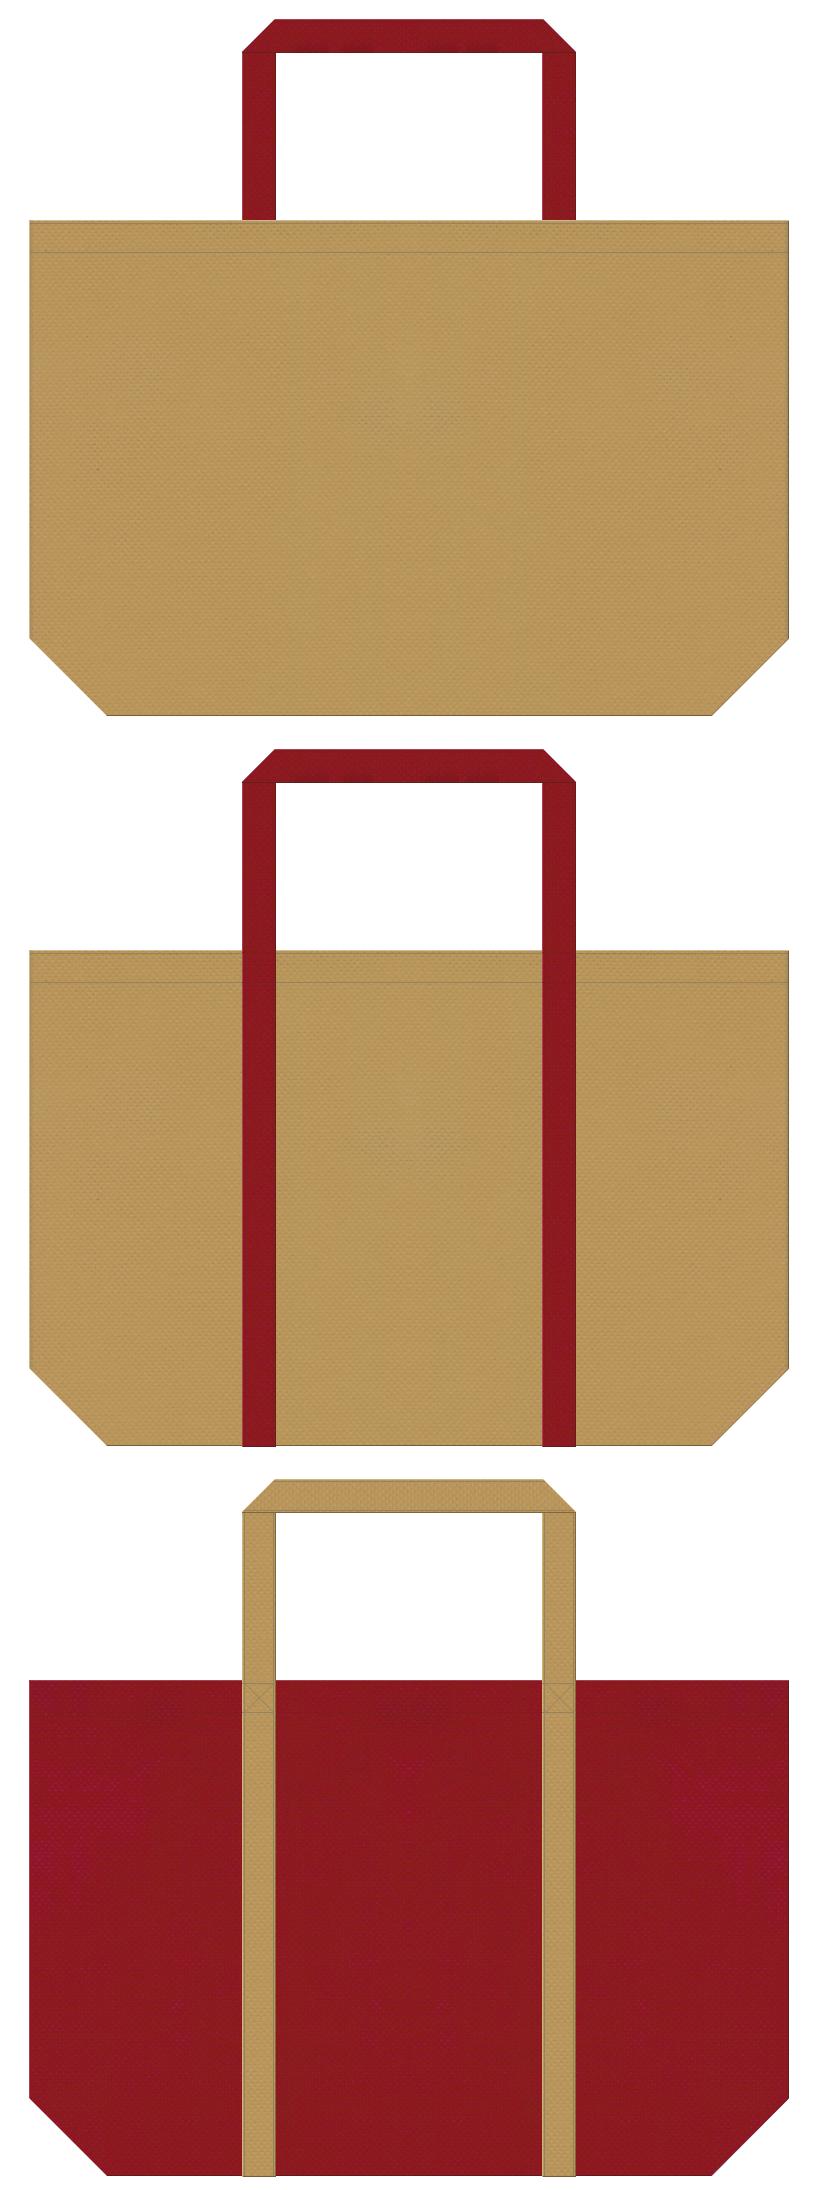 金色系黄土色とエンジ色の不織布バッグデザイン。